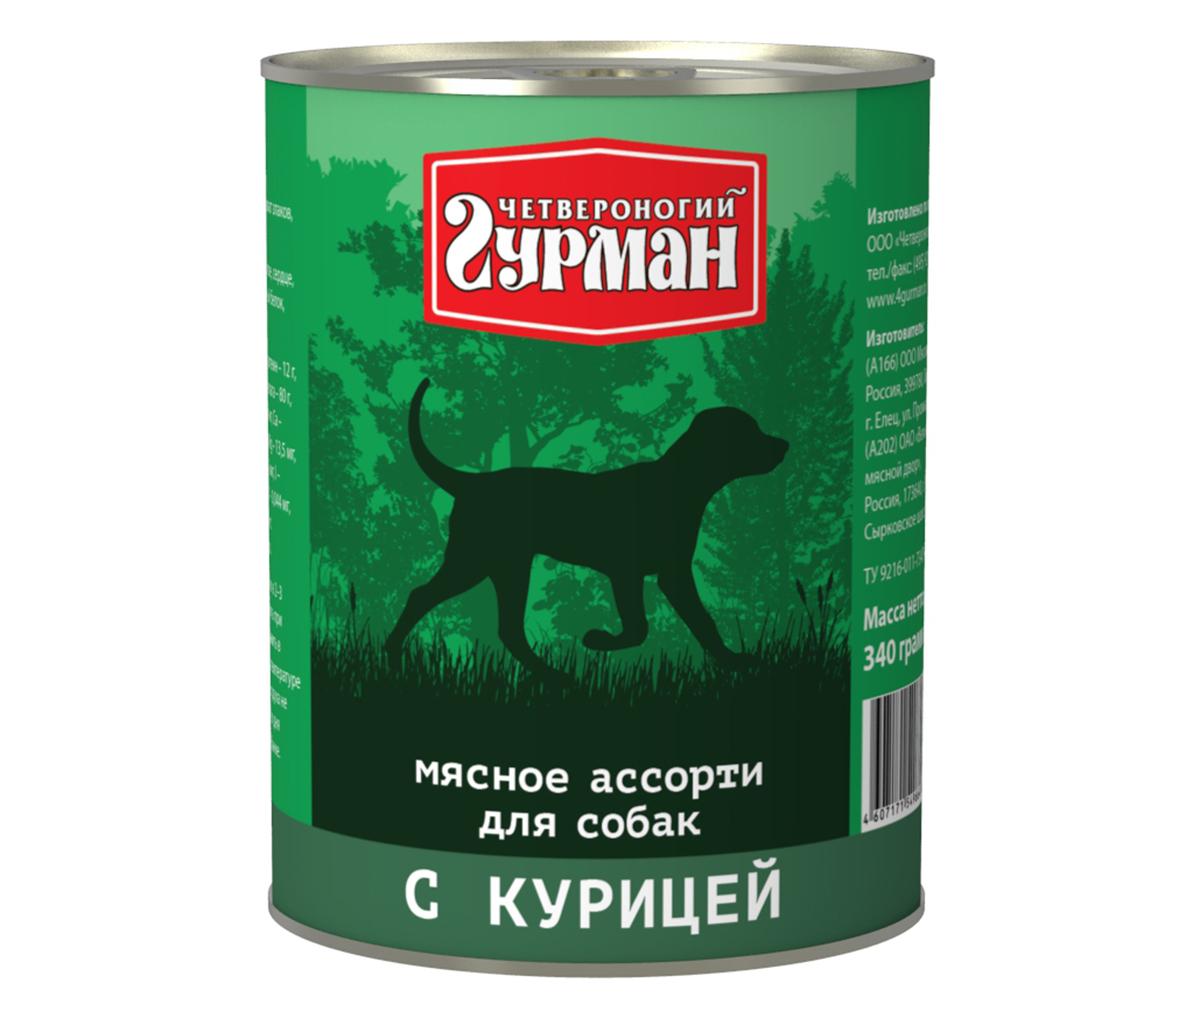 Консервы для собак Четвероногий гурман Мясное ассорти, с курицей, 340 г